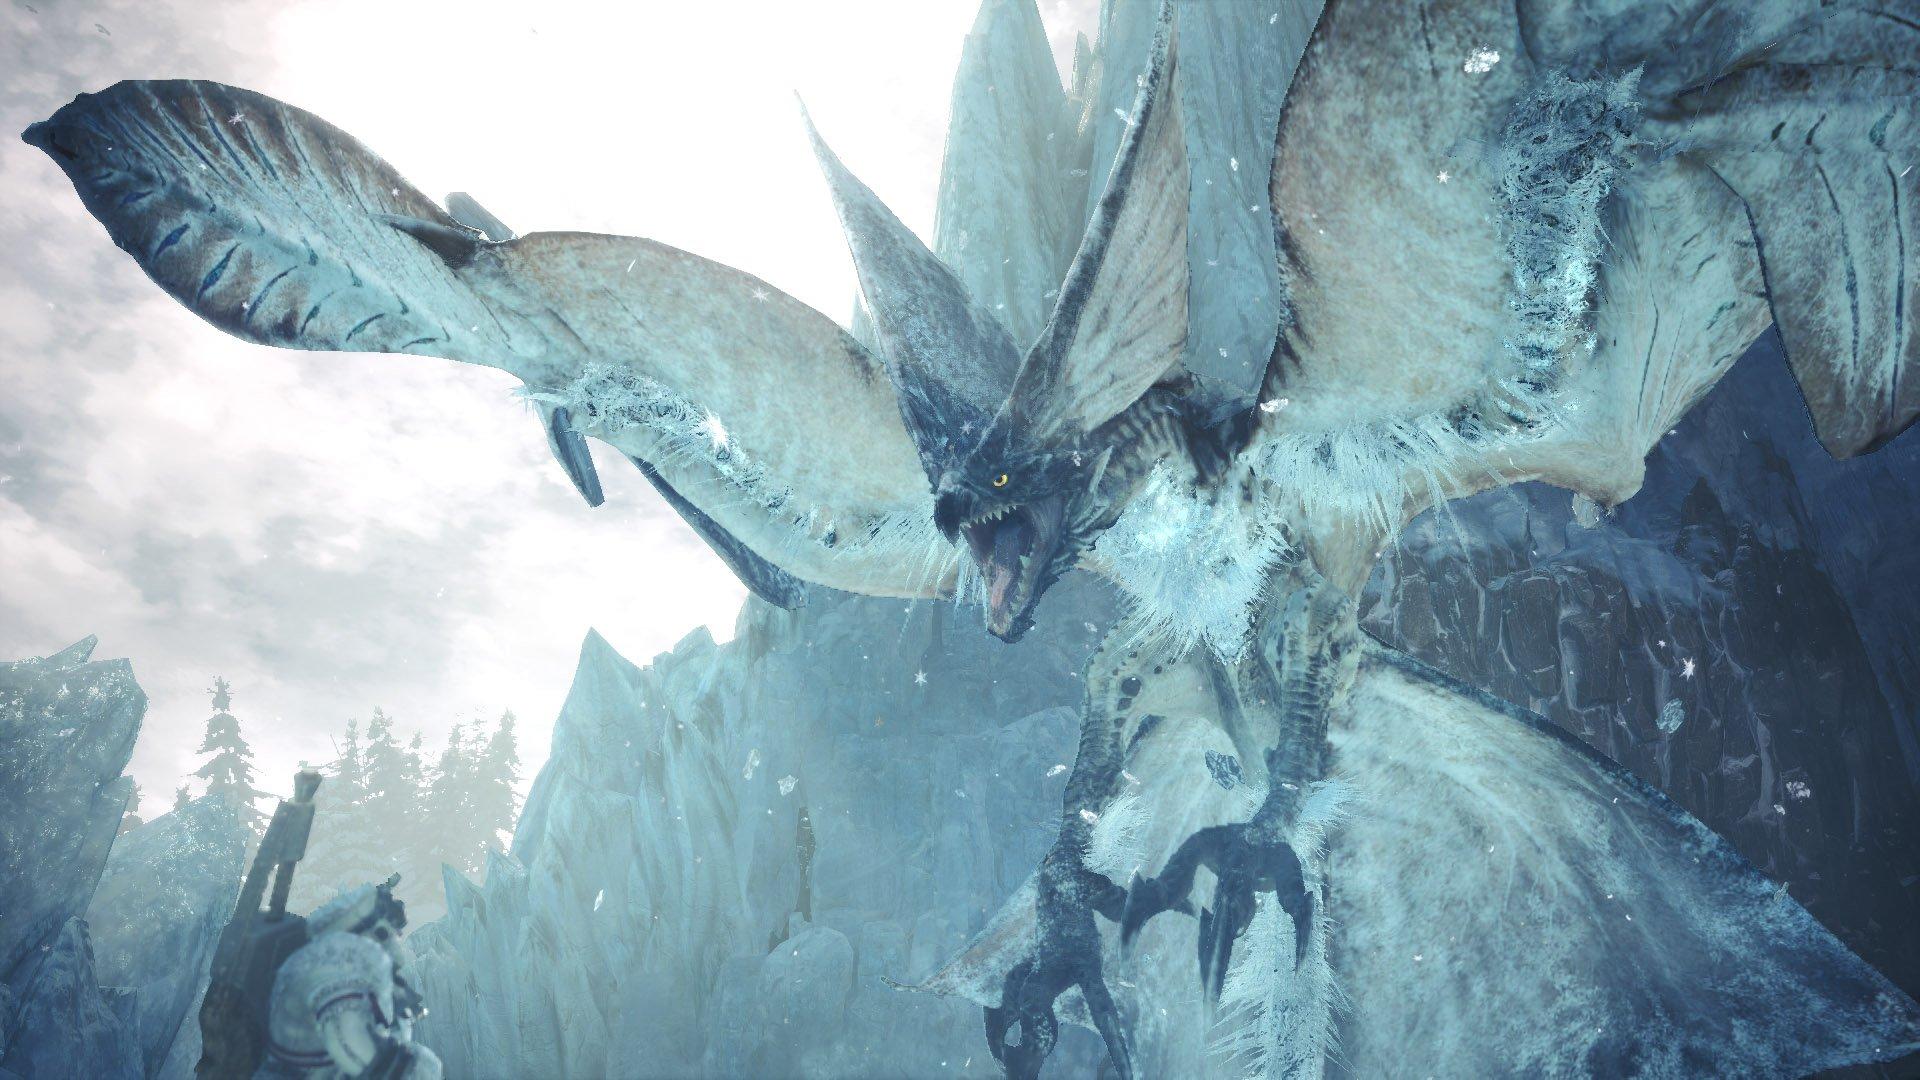 How To Get Obsidian Icetalon In Monster Hunter World Shacknews